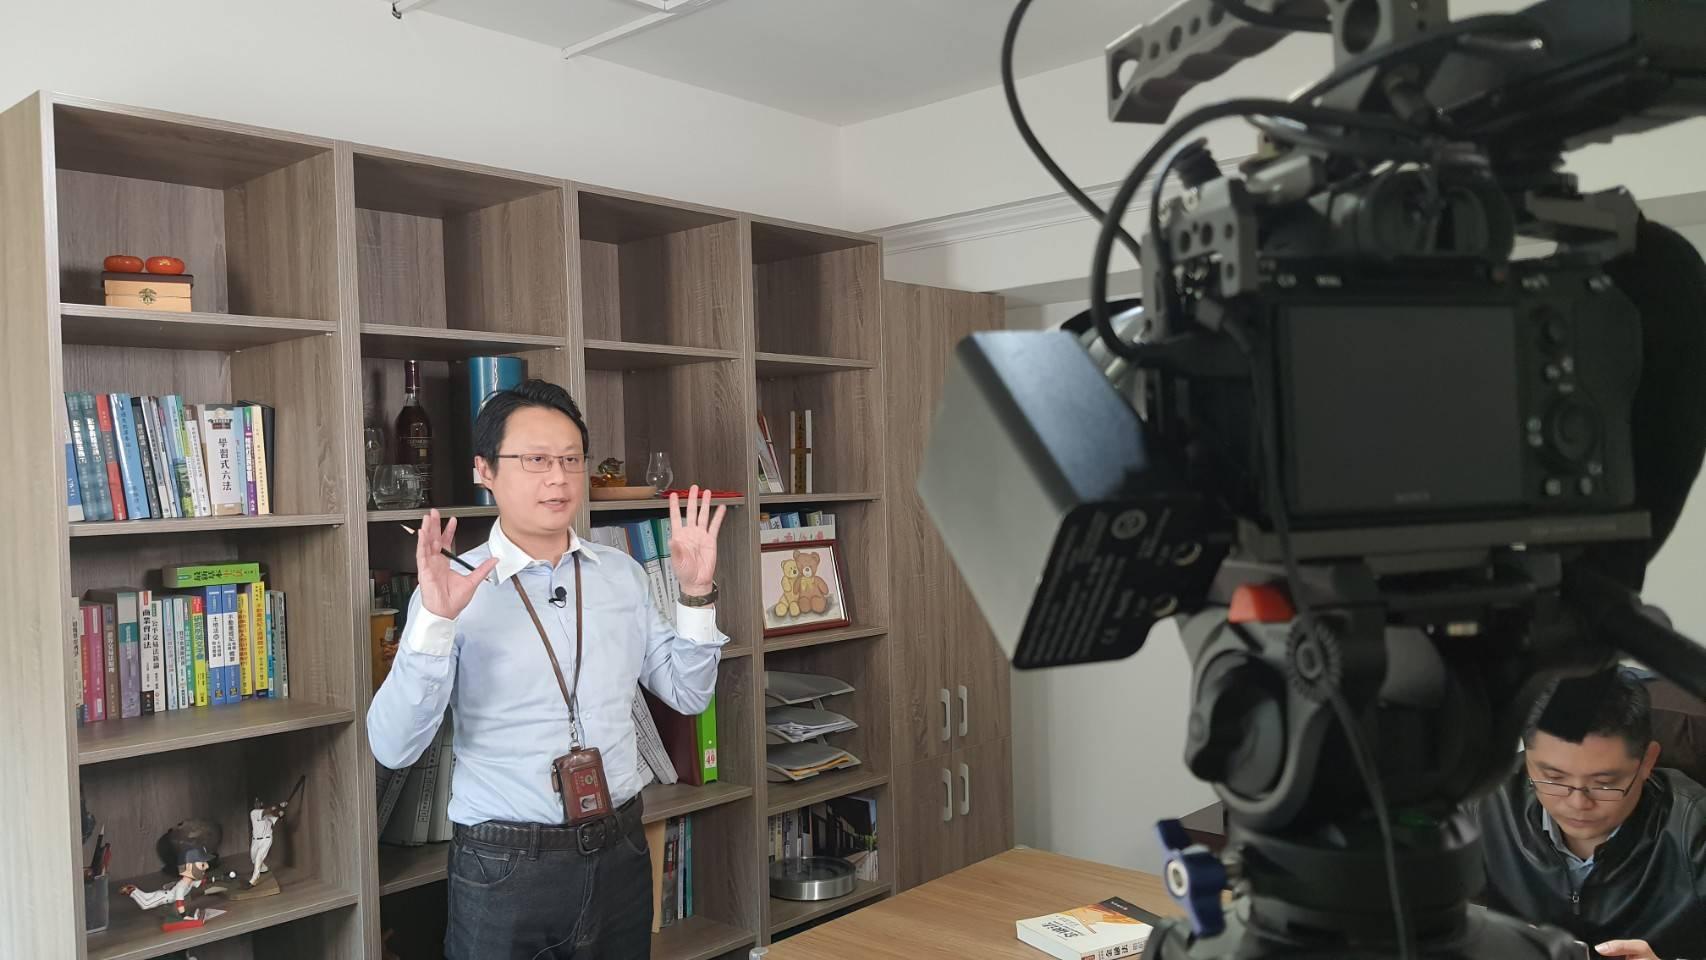 星澤國際-讓世界都看見-電視專訪節目-鼎宇律師事務所-游祈盛與楊含容監督製作